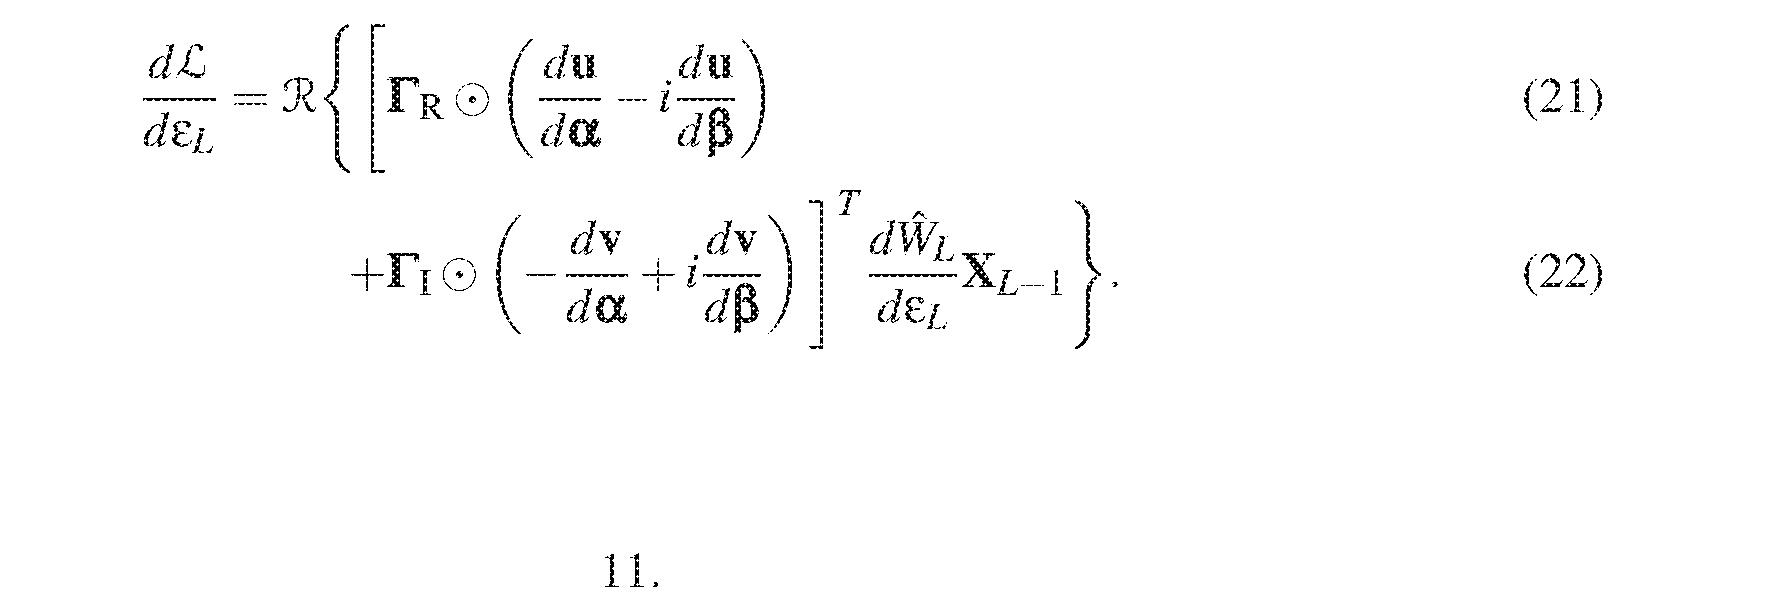 Figure imgf000013_0005